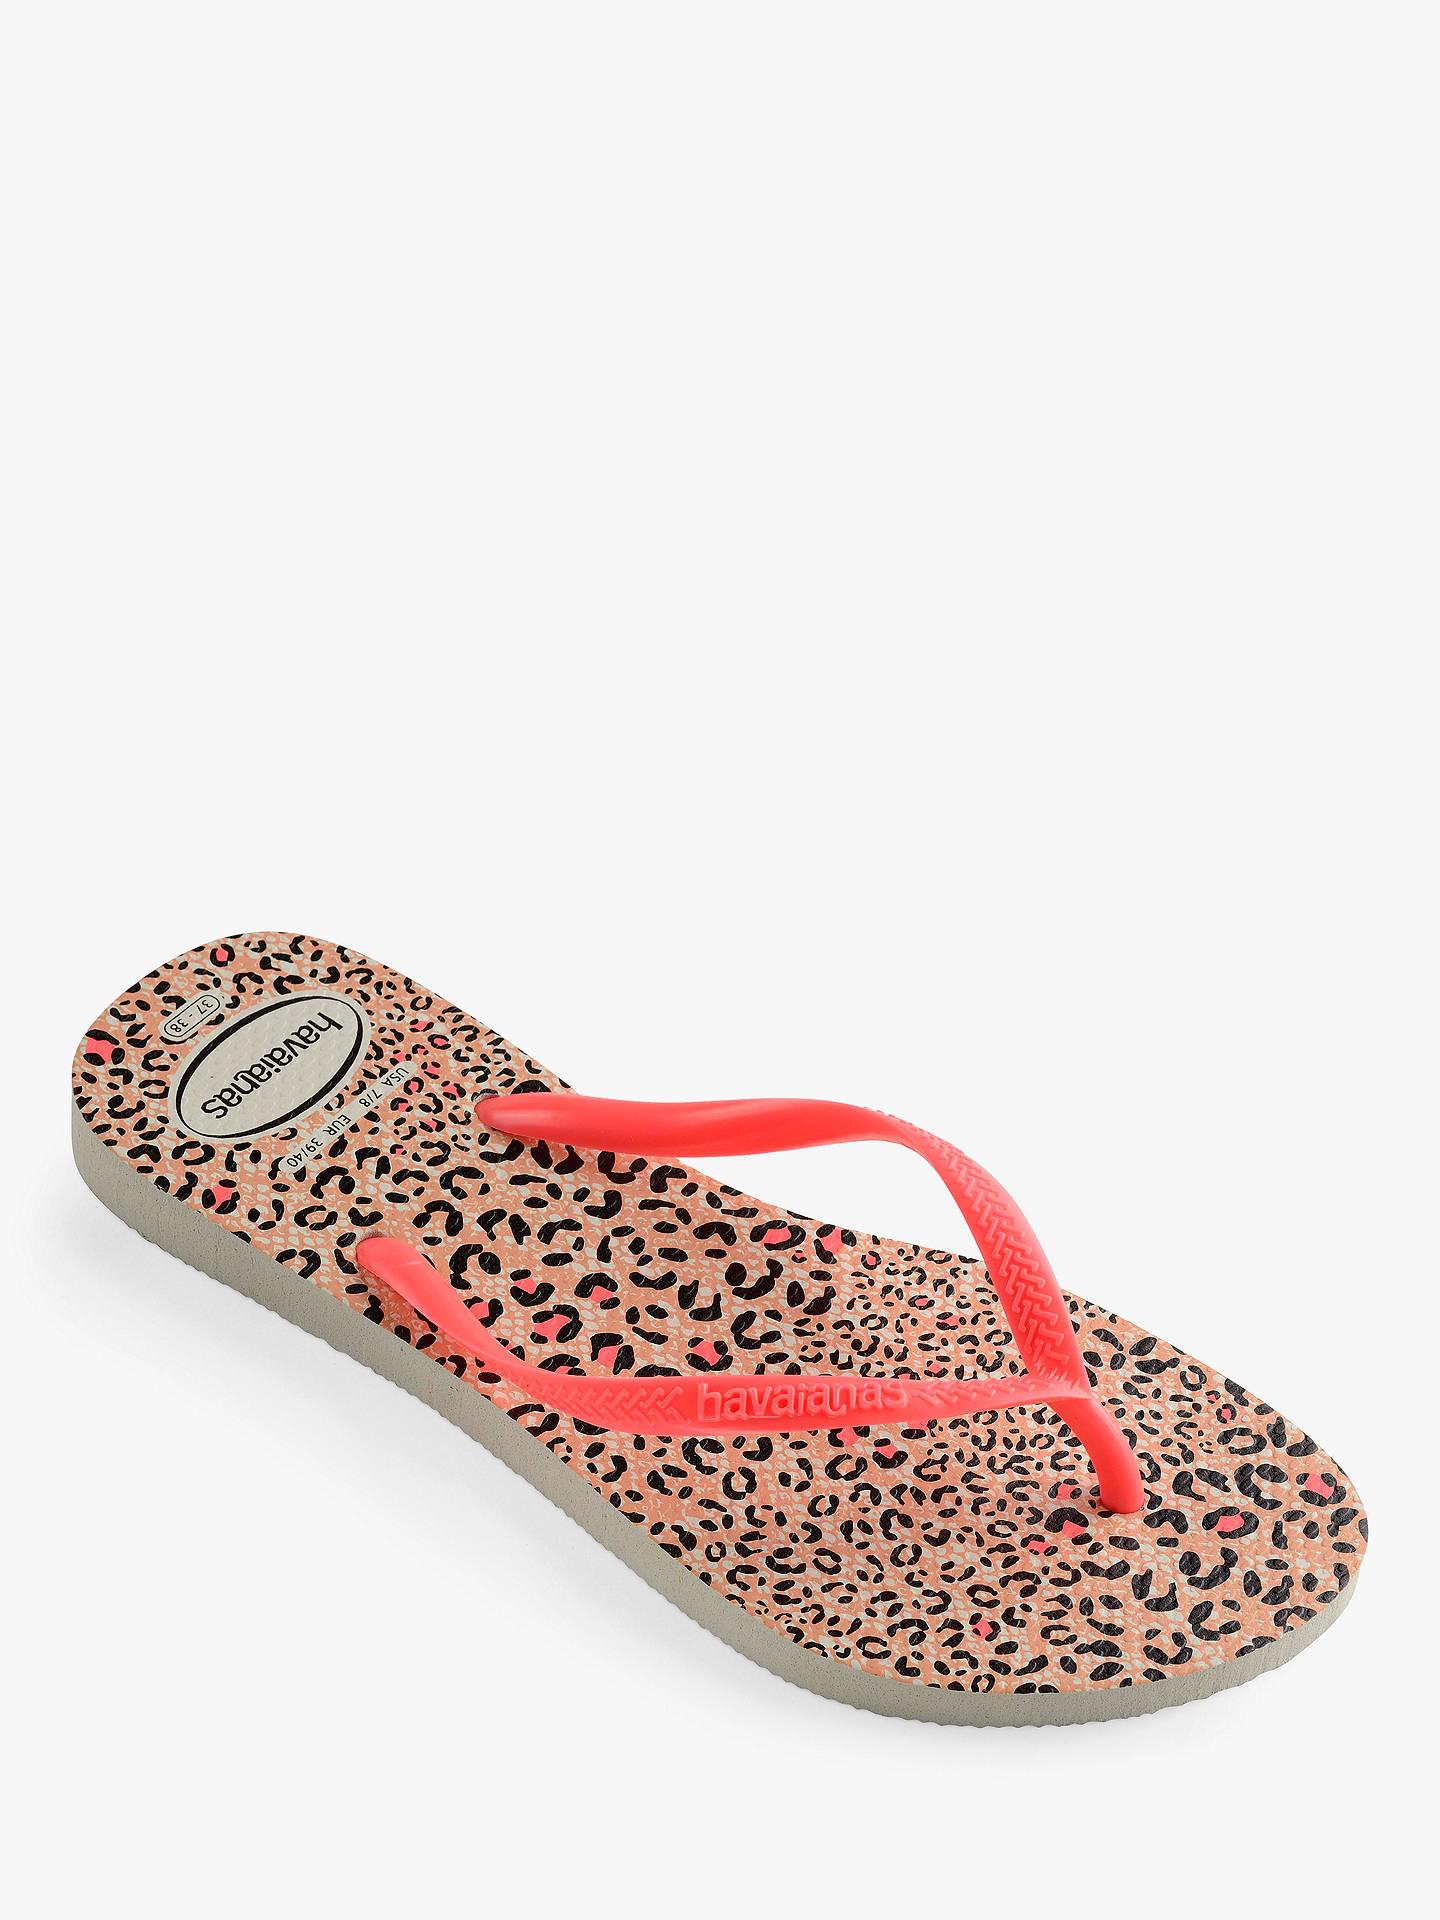 71911a441 Buy Havaianas Children s Animal Slim Flip Flops